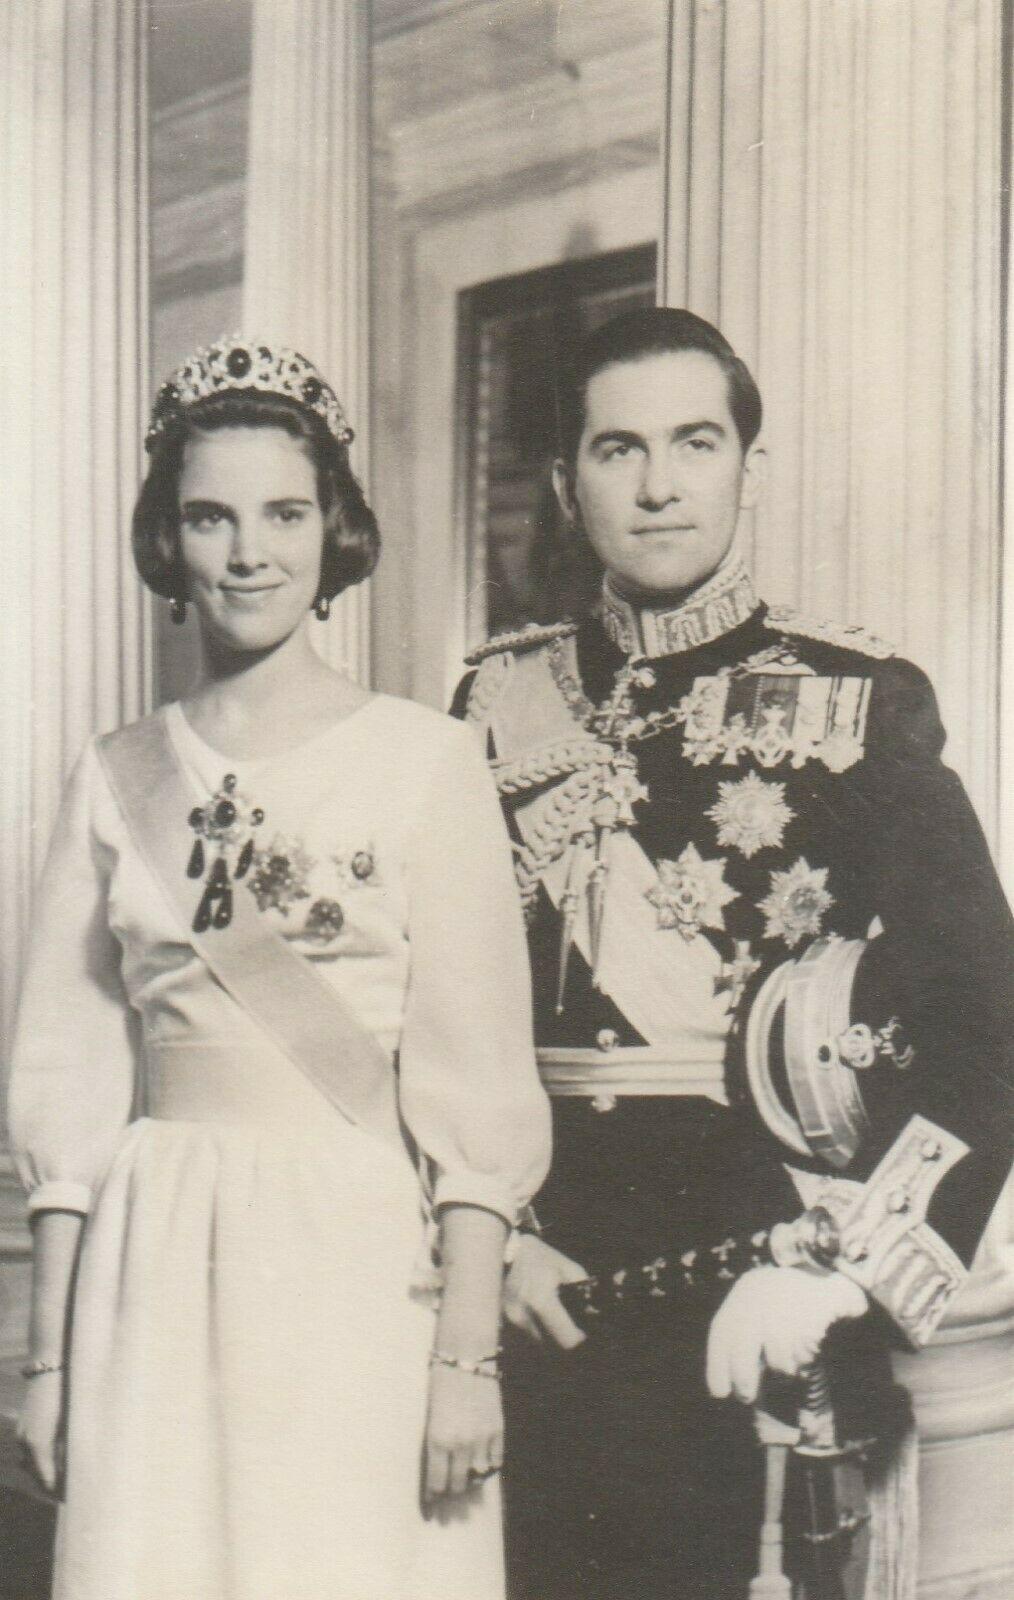 Original Pressefoto Konigin Anne Marie Konig Constantin Adel Royal Greece Ebay Griechisches Konigshaus Adele Konigshaus